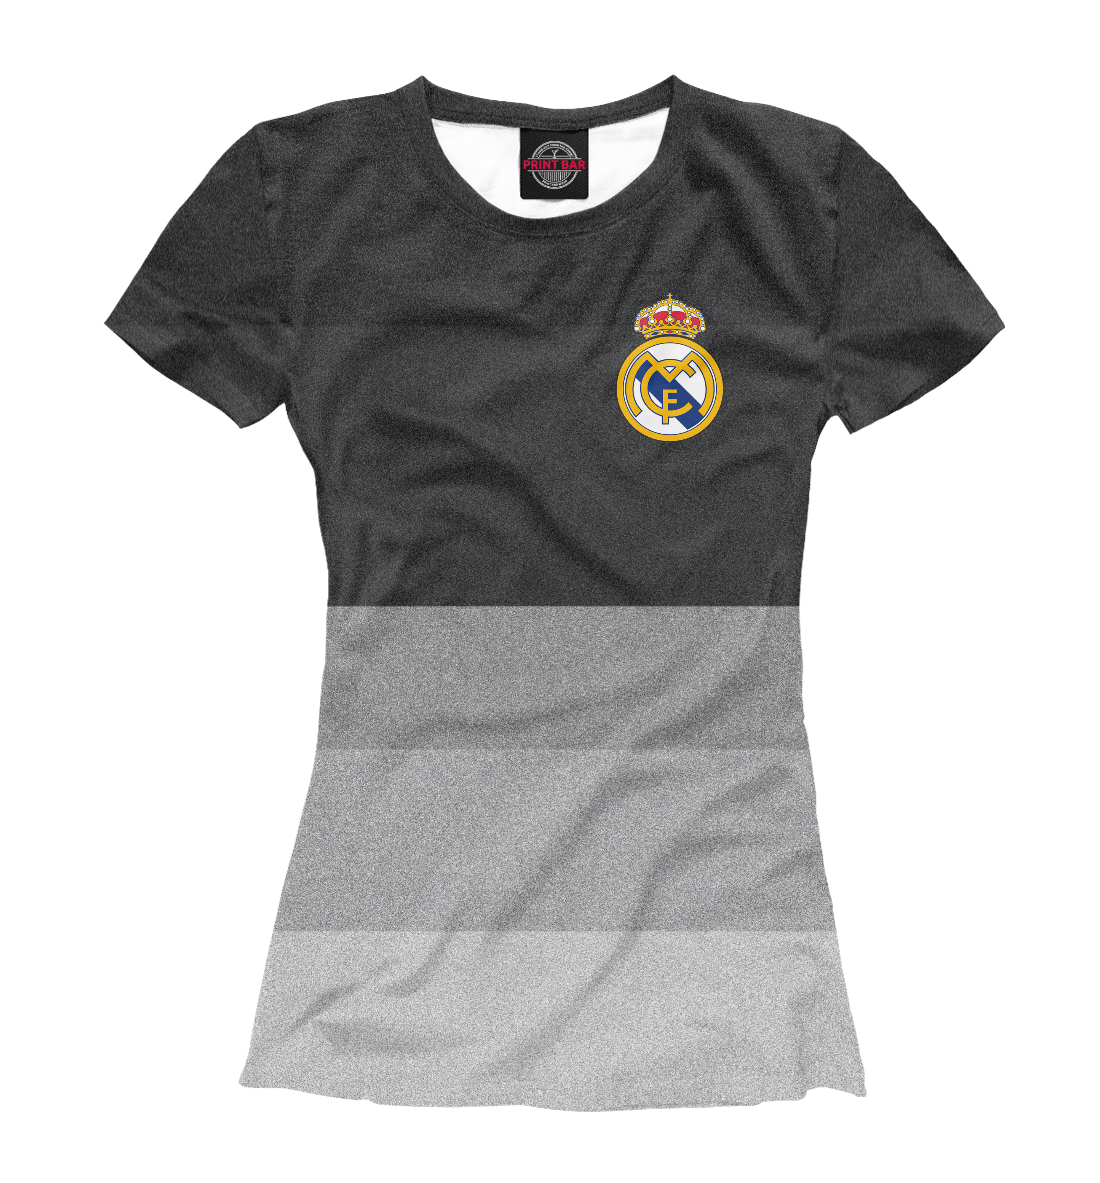 Реал Мадрид, Printbar, Футболки, REA-755247-fut-1  - купить со скидкой